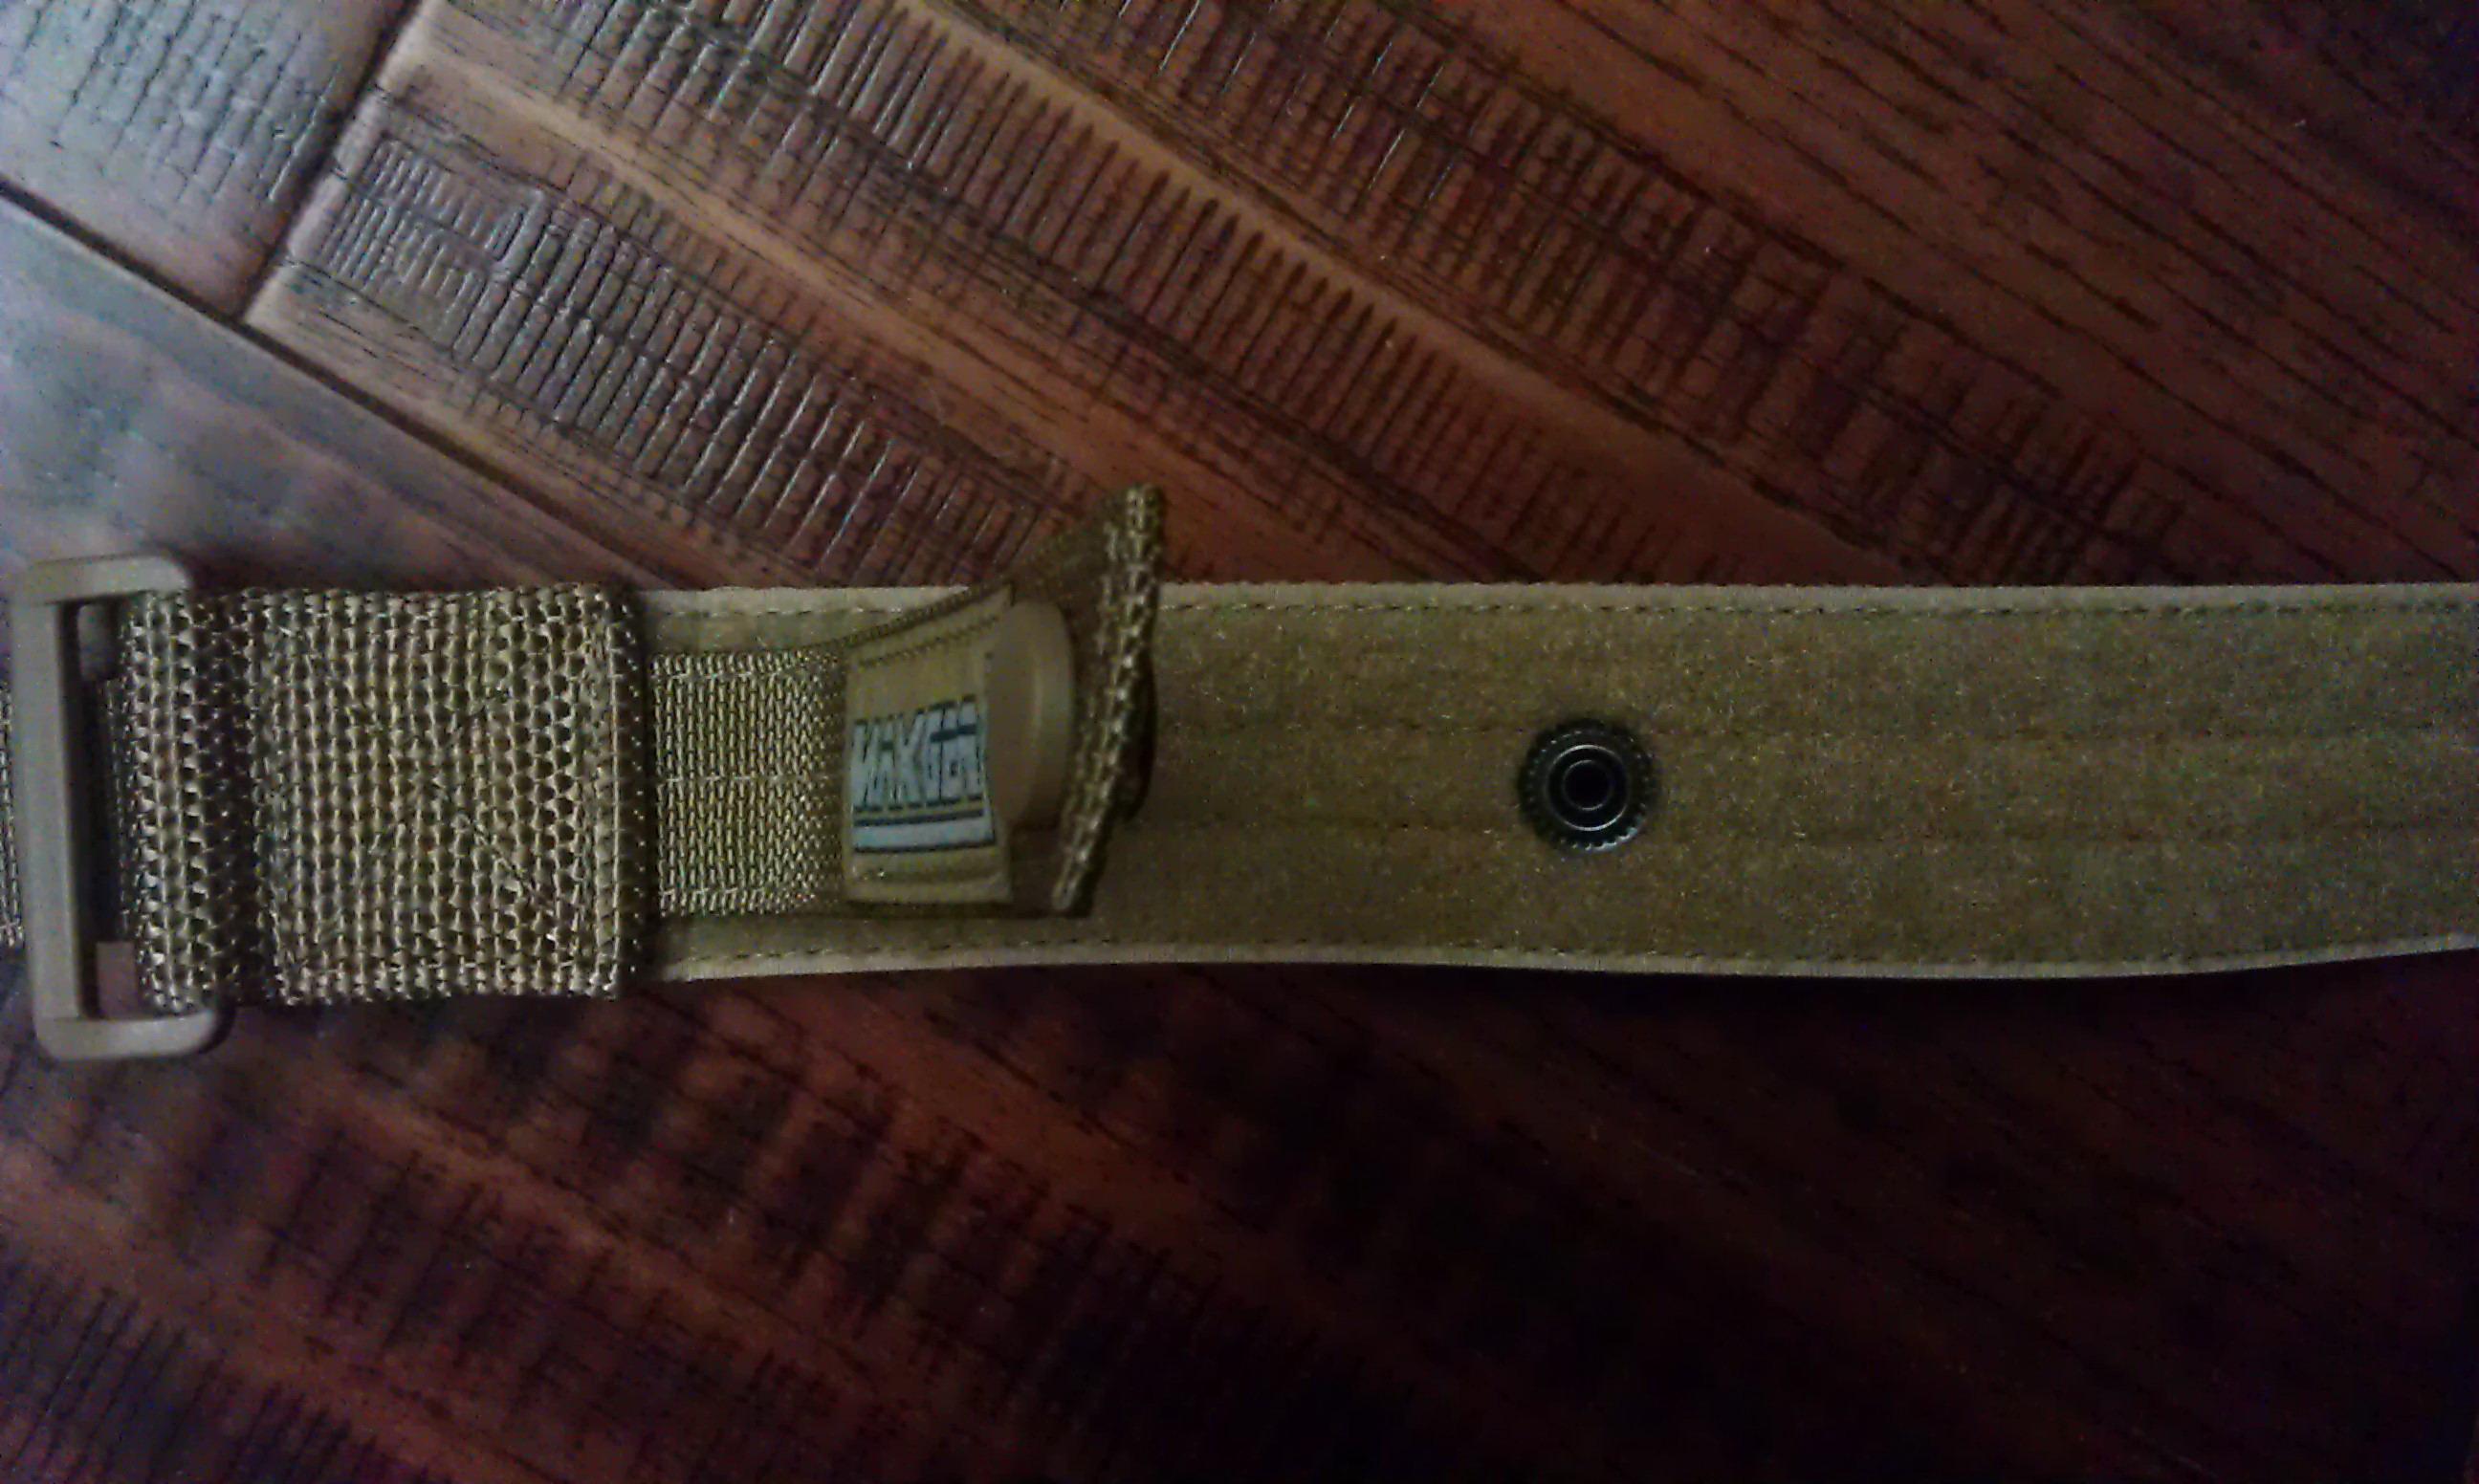 retro air jordans 1 for sale 00970795 outlet